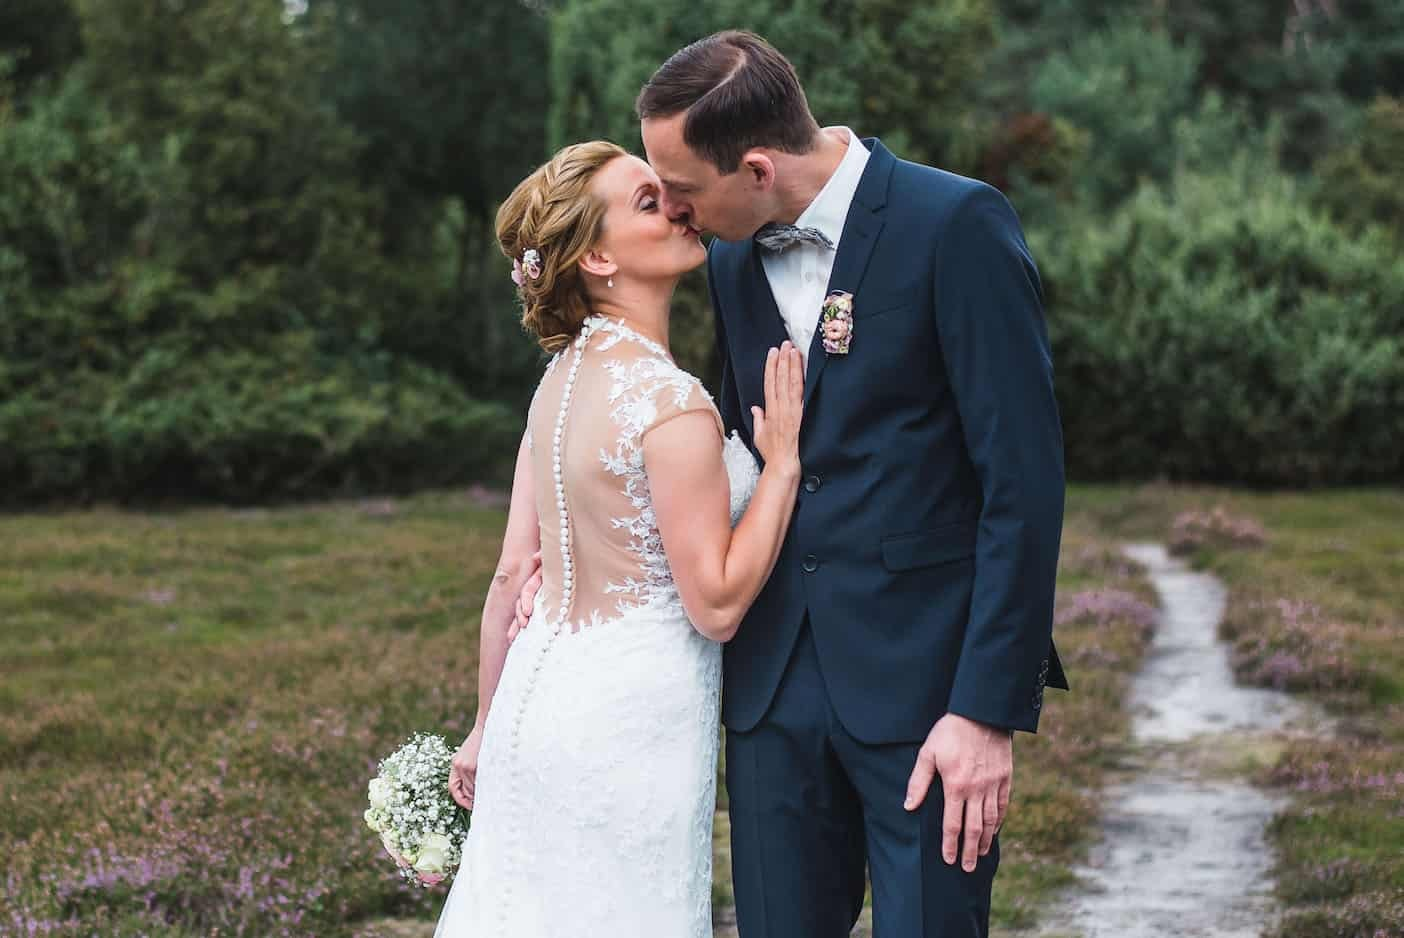 Hochzeit von Sabrina und Michael in Münster: Braut küsst den Ehemann